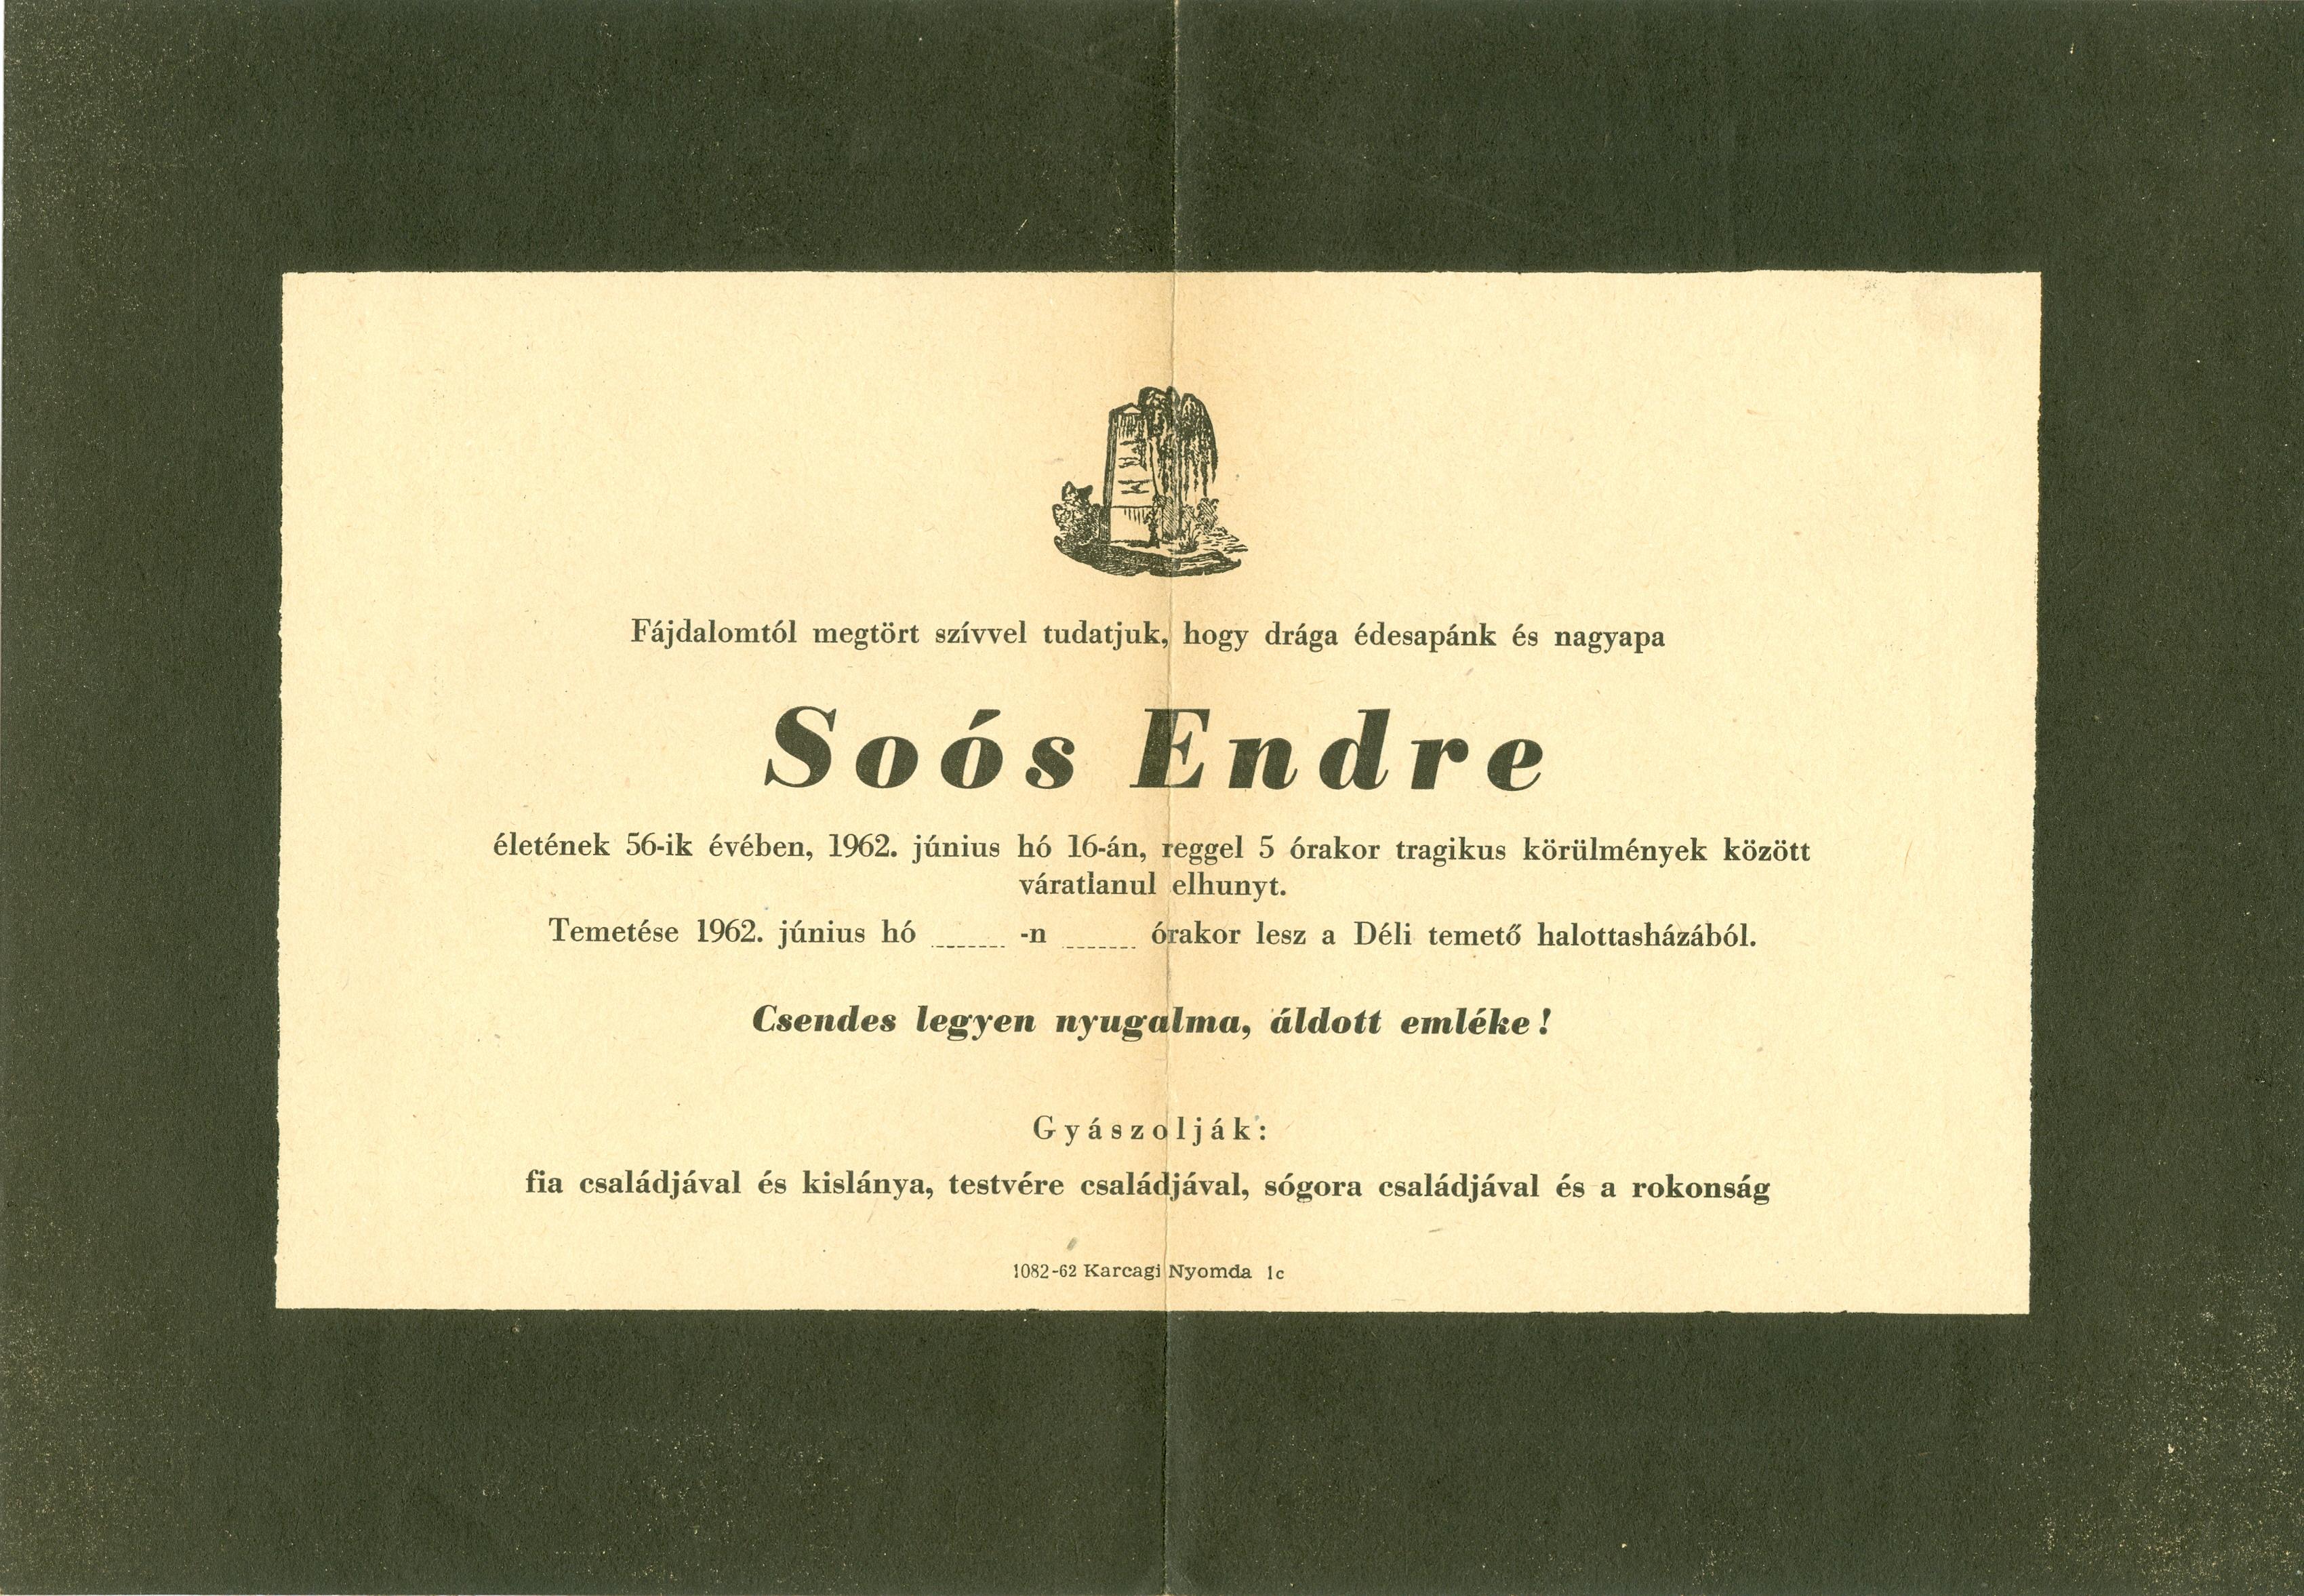 Soós Endre